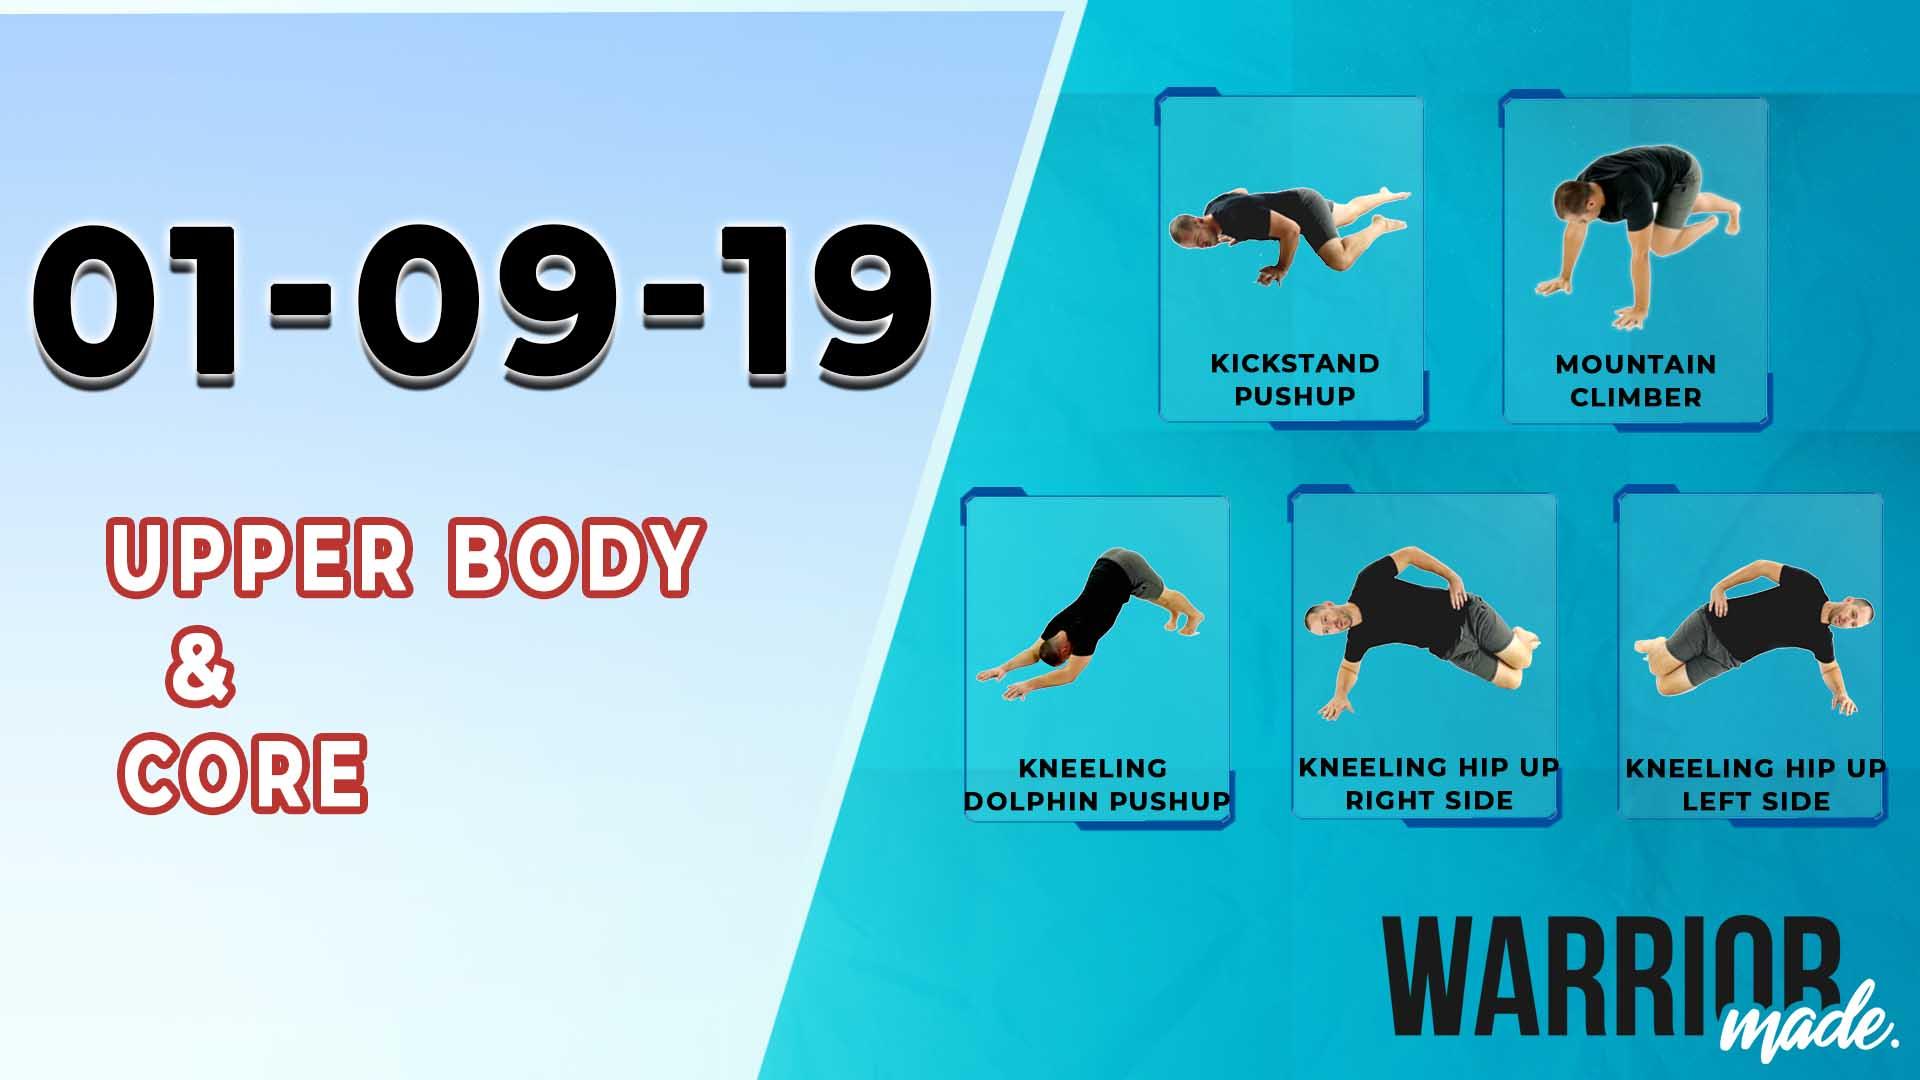 workouts-01-09-19